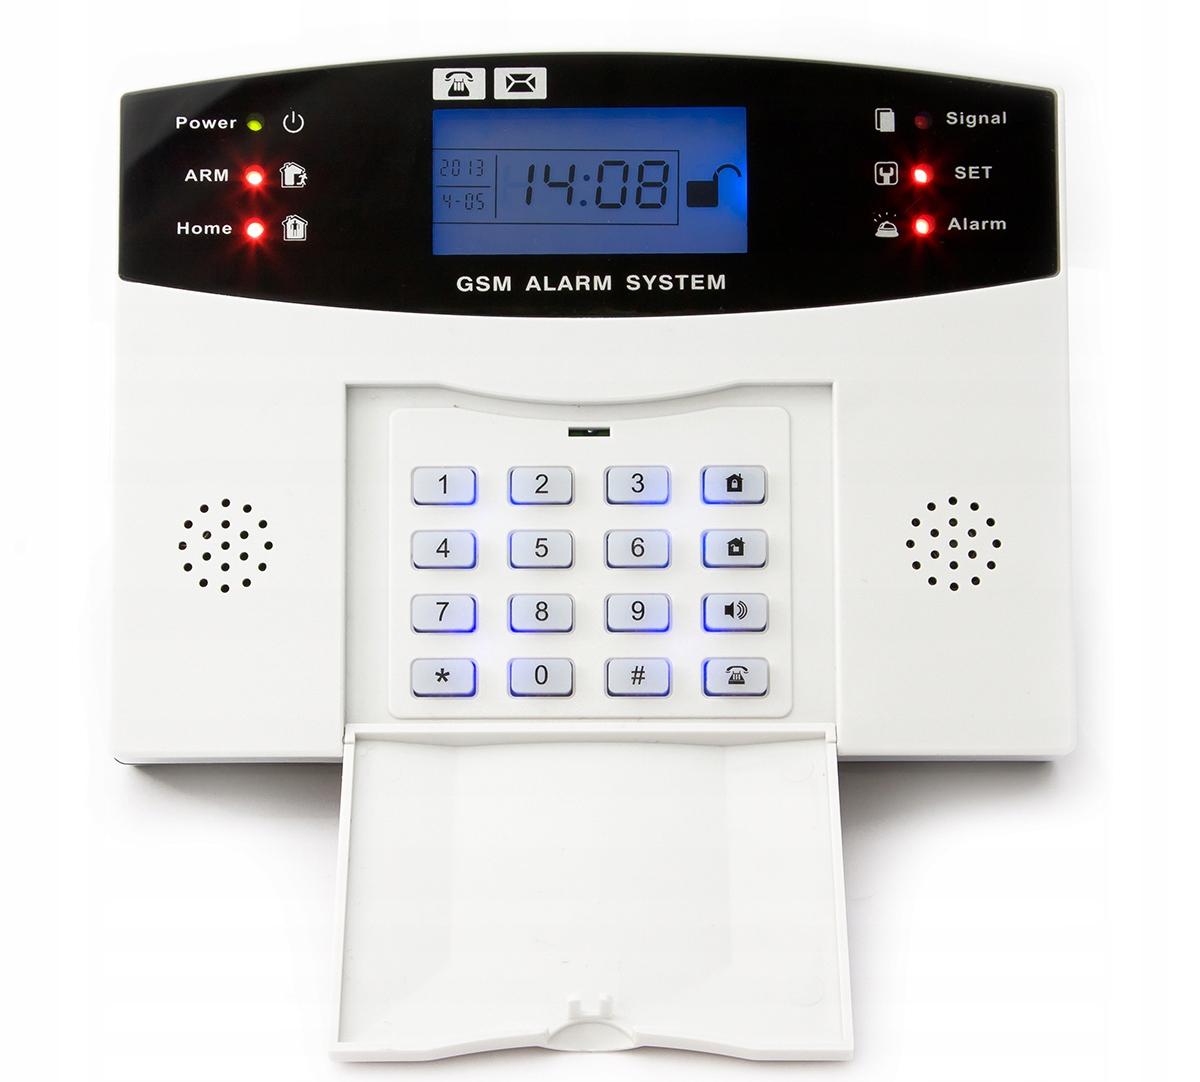 PRZEWODOWY ALARM LCD GSM APP SYRENY POLSKI 5 PIR Skład zestawu centrala alarmowa czujka ruchu manipulator czujka magnetyczna zewnętrzny sygnalizator akustyczno-optyczny inny